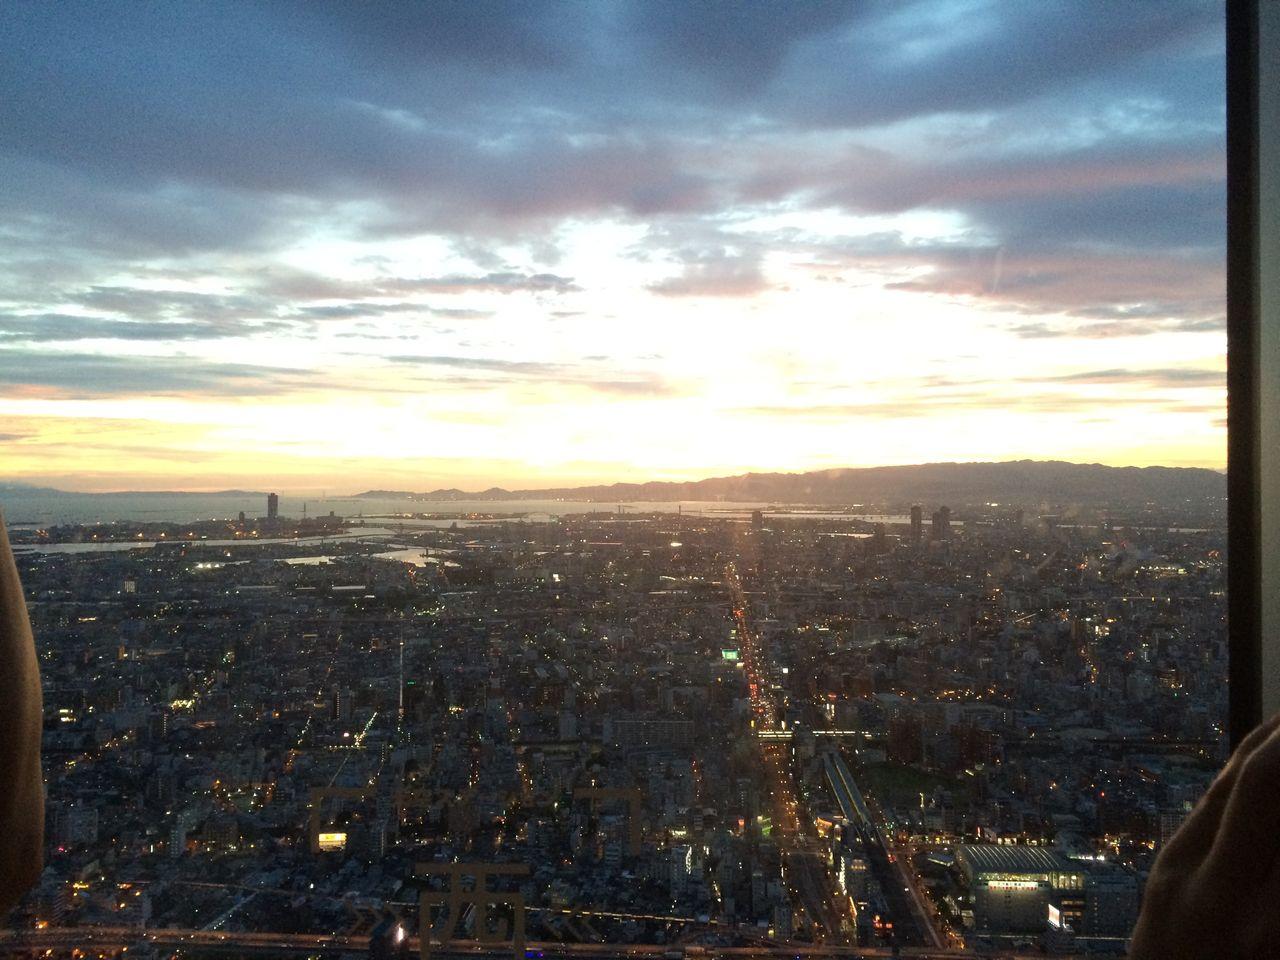 ハルカス展望台から西方向(夕景)